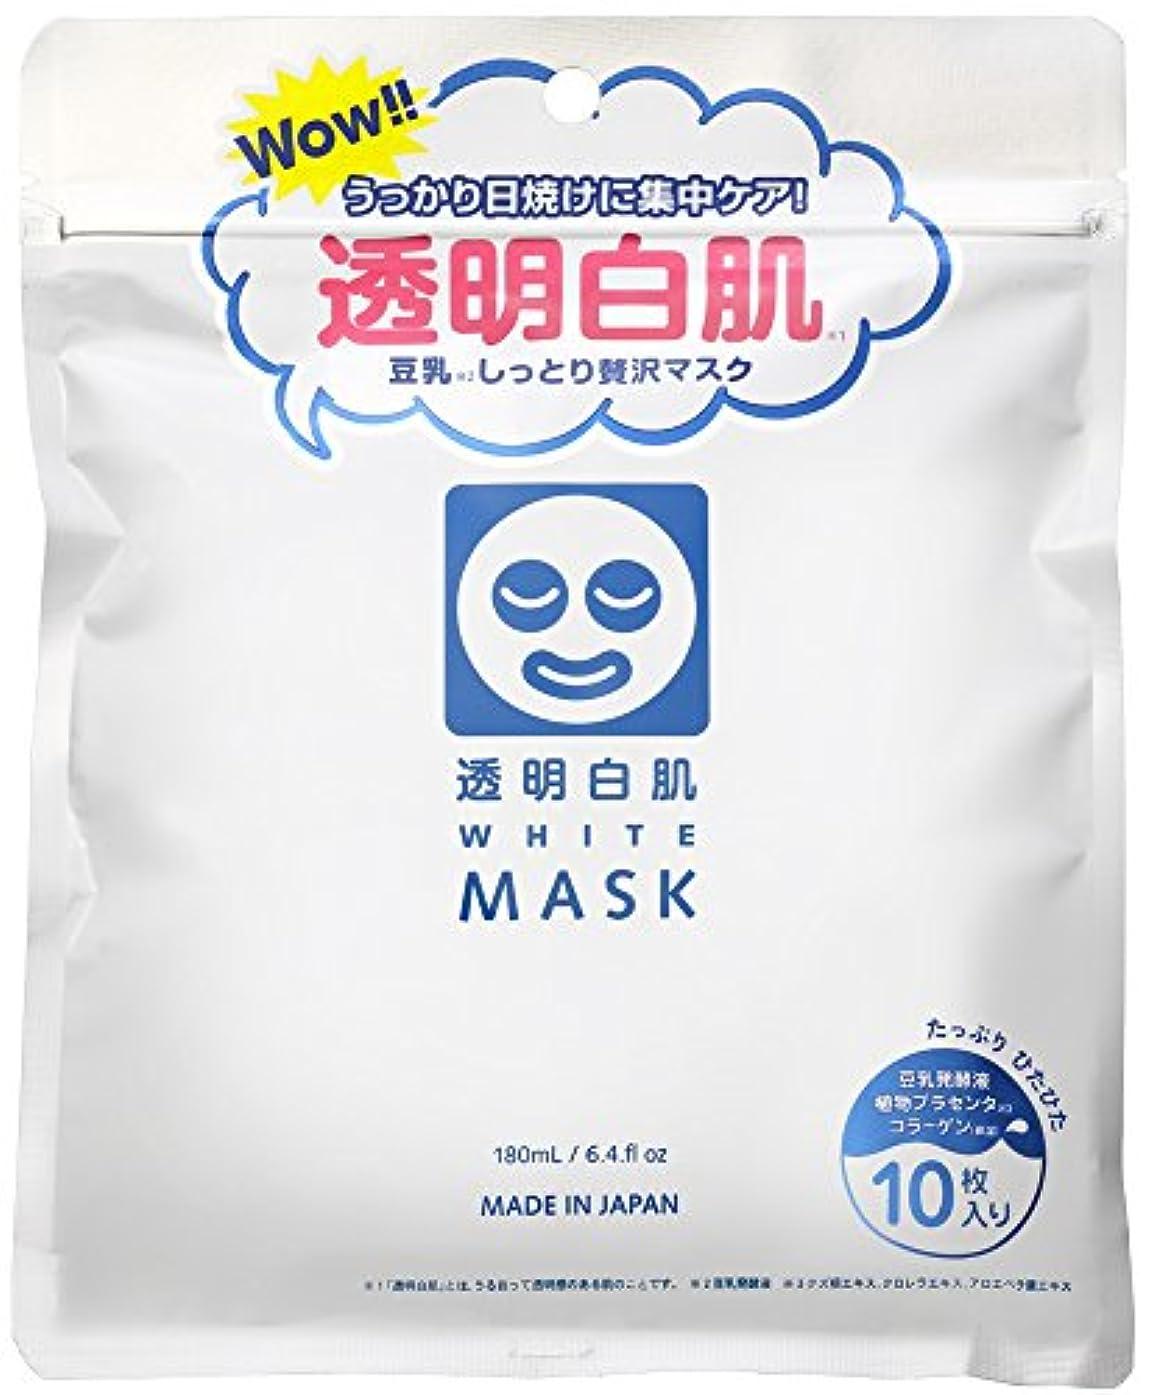 コンテンツ魔術師地区透明白肌 ホワイトマスクN 10枚入